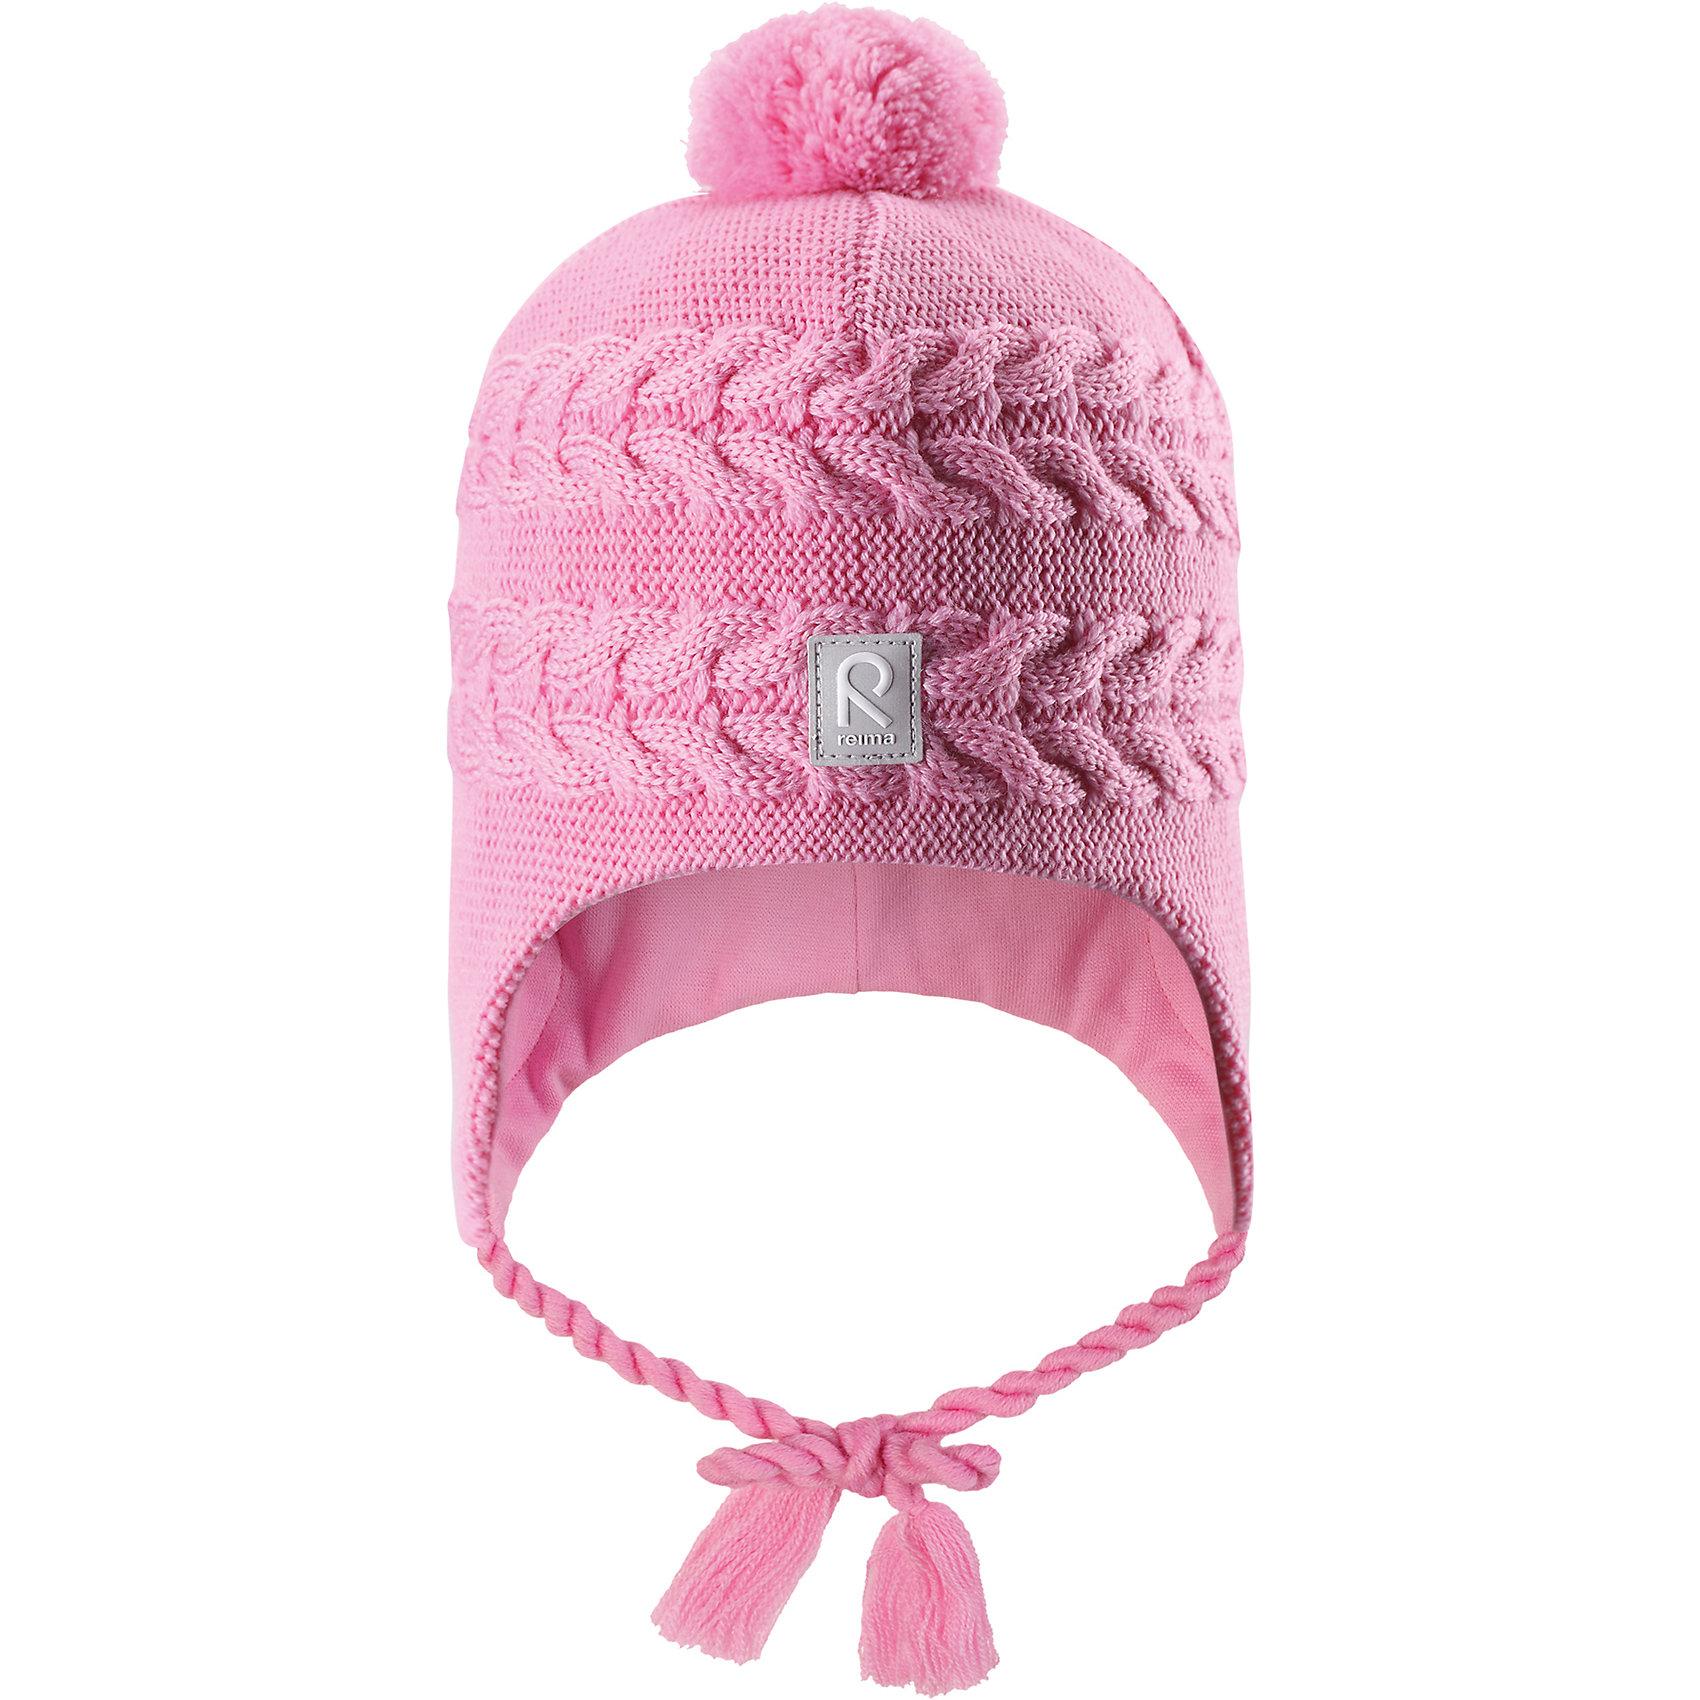 Шапка Reima Hiutale для девочкиГоловные уборы<br>Характеристики товара:<br><br>• цвет: розовый;<br>• состав: 100% шерсть;<br>• подкладка: 97% хлопок, 3% эластан;<br>• температурный режим: от 0 до -20С;<br>• сезон: зима; <br>• особенности модели: вязаная, шерстяная;<br>• мягкая ткань из мериносовой шерсти для поддержания идеальной температуры;<br>• ветронепроницаемые вставки в области ушей;<br>• сплошная подкладка: гладкий хлопковый трикотаж;<br>• шапка на завязках, сверху помпон;<br>• логотип Reima спереди;<br>• страна бренда: Финляндия;<br>• страна изготовитель: Китай.<br><br>Красивая шерстяная шапка для малышей станет отличным вариантом на зимние холода! Шапка связана из мериносовой шерсти и снабжена уютной и мягкой трикотажной подкладкой. Ветронепроницаемые вставки защищают ушки в ветреную погоду, а завязки-косички, структурная вязка и веселый помпон довершают образ.<br><br>Шапку Hiutale для девочки Reima от финского бренда Reima (Рейма) можно купить в нашем интернет-магазине.<br><br>Ширина мм: 89<br>Глубина мм: 117<br>Высота мм: 44<br>Вес г: 155<br>Цвет: розовый<br>Возраст от месяцев: 60<br>Возраст до месяцев: 72<br>Пол: Женский<br>Возраст: Детский<br>Размер: 52,46,48,50<br>SKU: 6907121